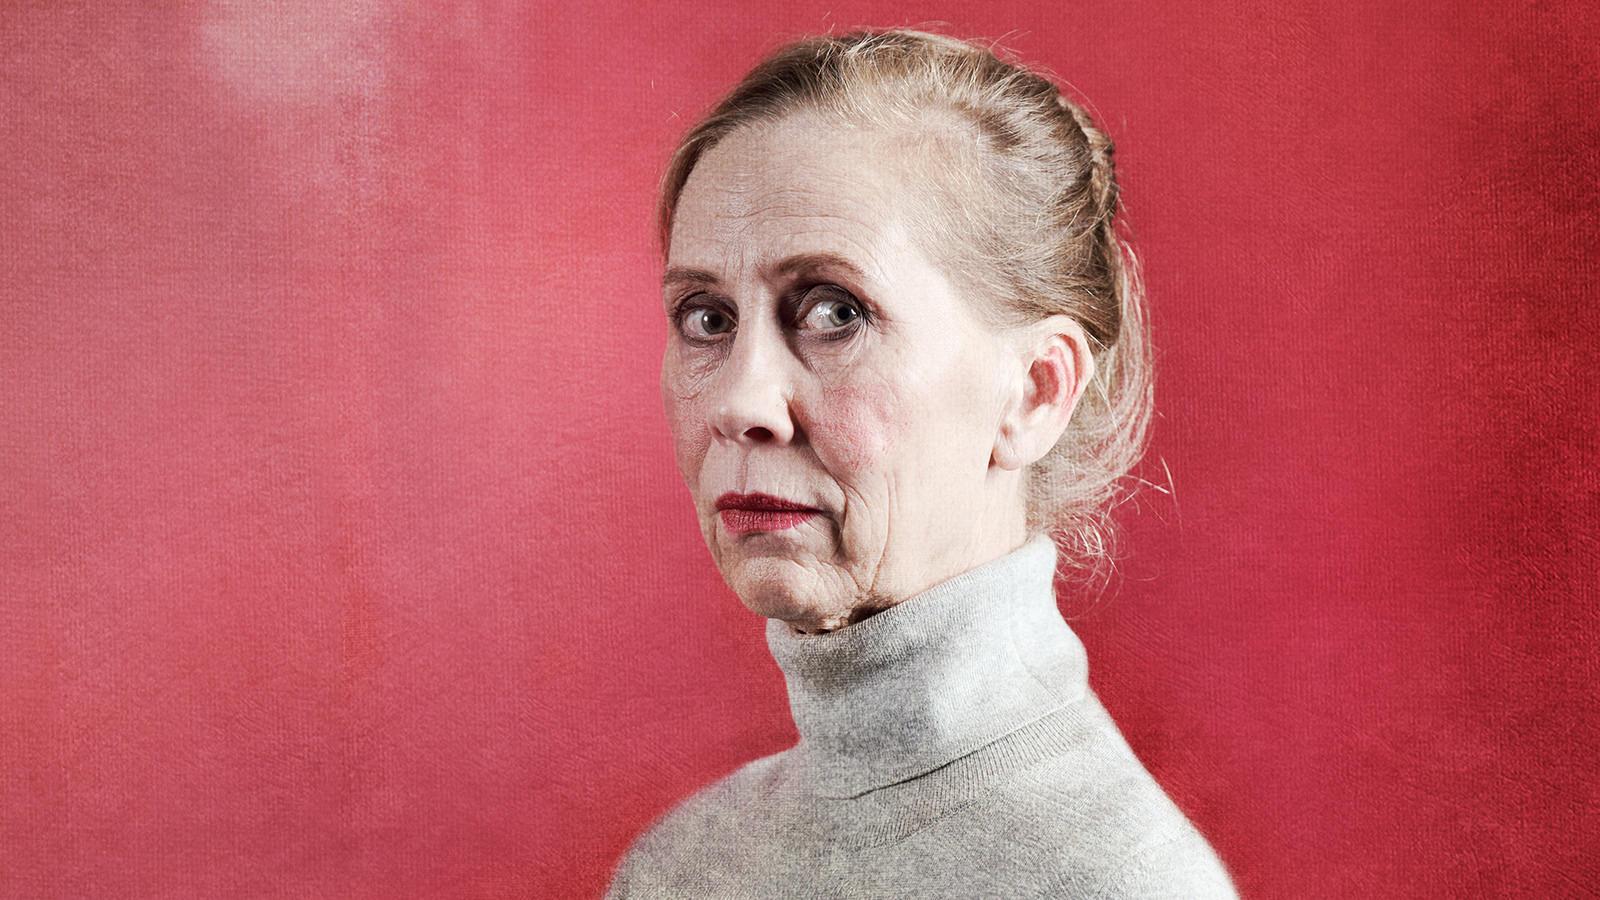 Lavalla Kati Outisen kanssa – Teatteri Jurkan Minä maalaan teidät kaikki pohtii Helene Schjerfbeckin persoonaa